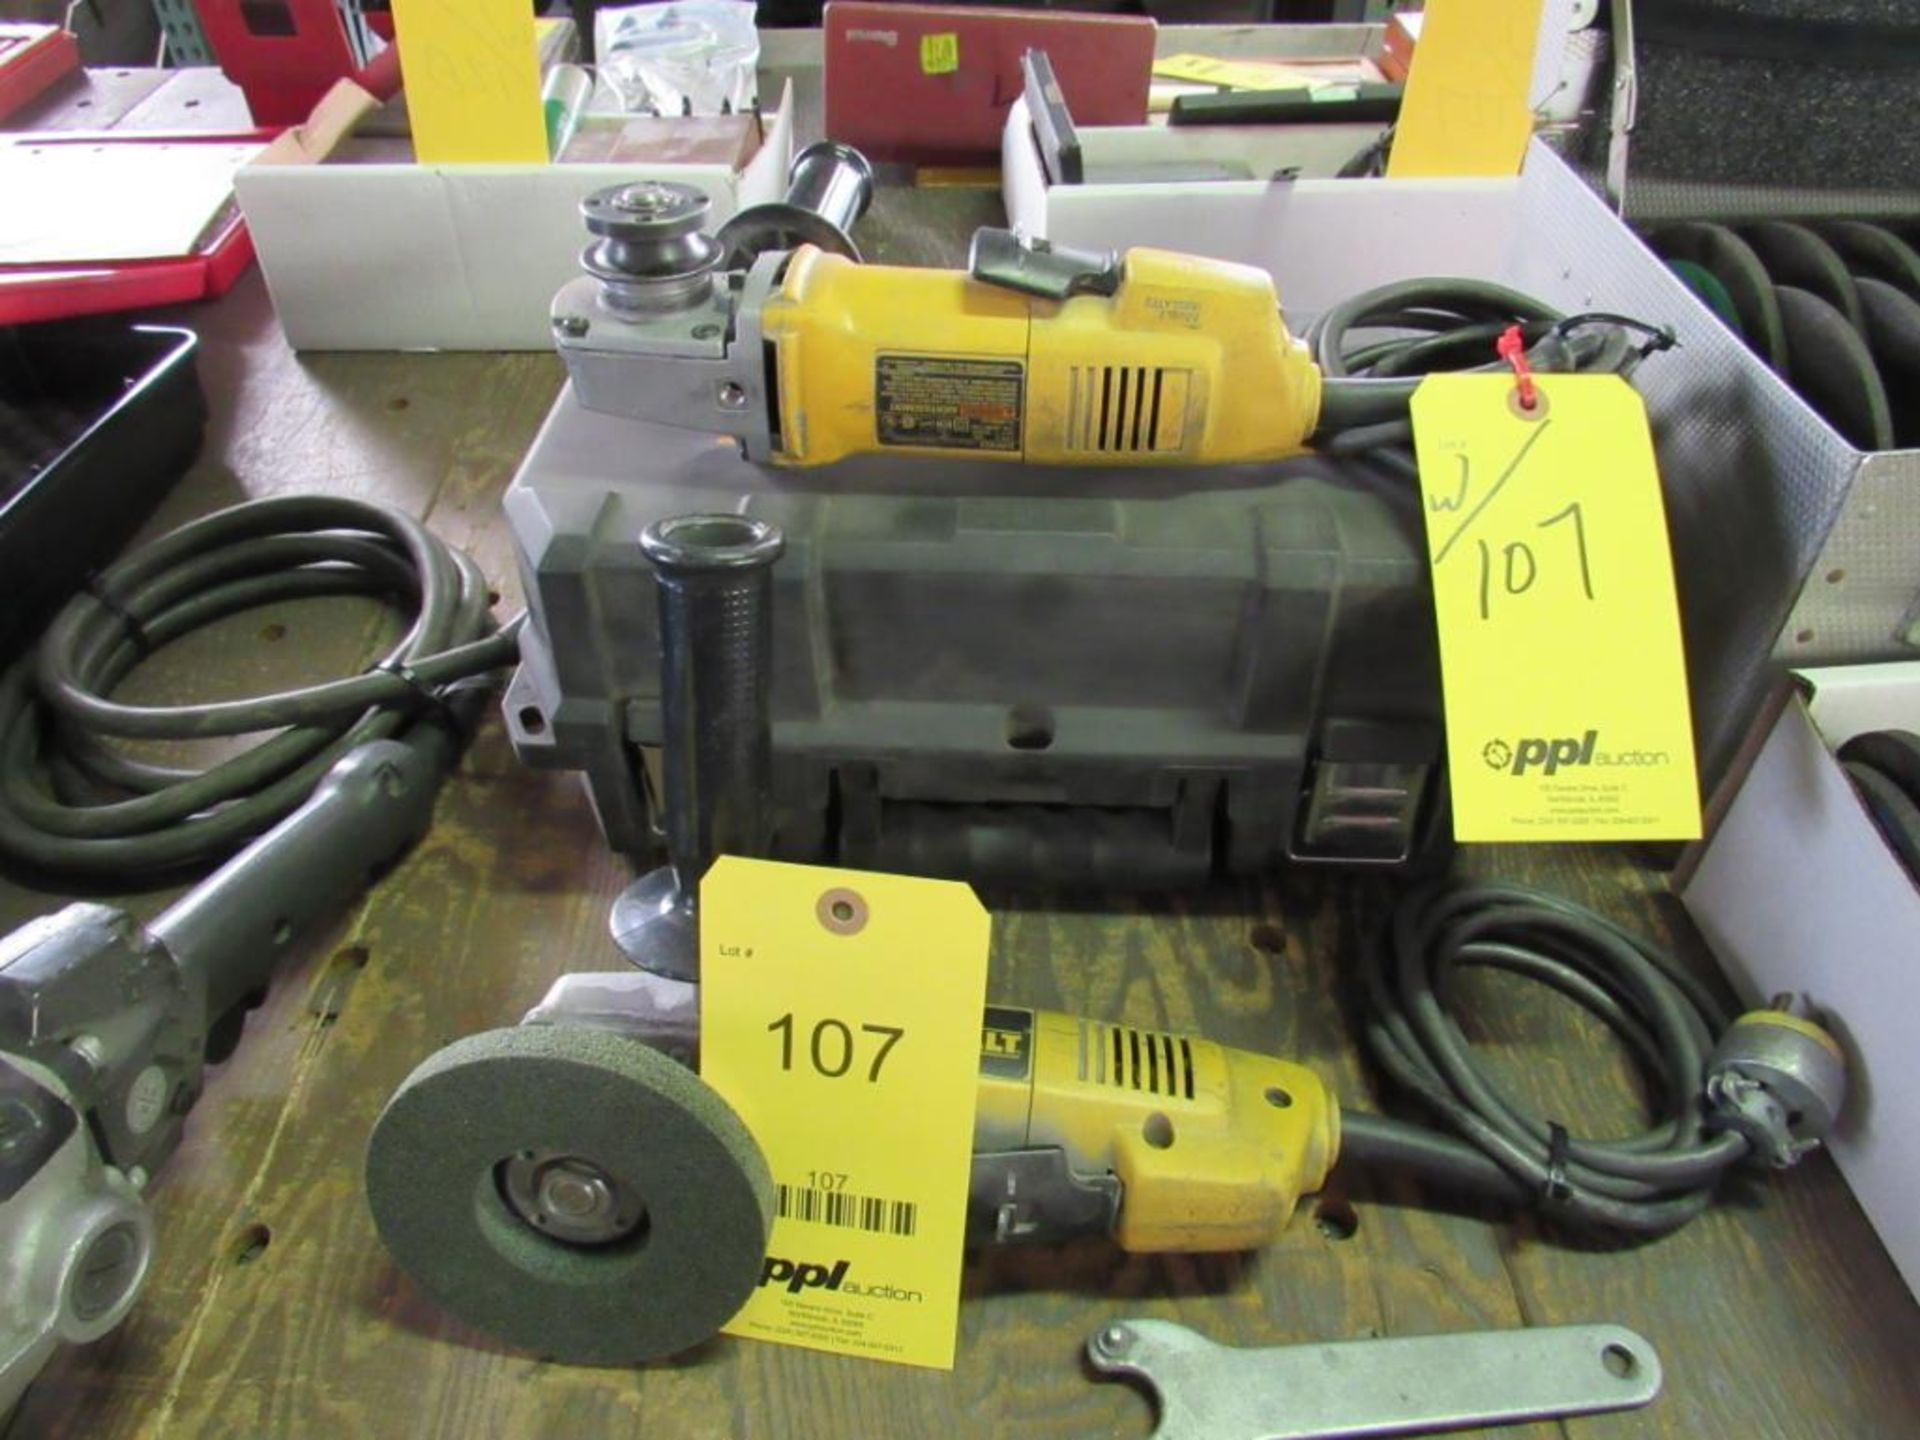 Lot 107 - LOT: (2) Dewalt 4-1/2 in. Angle Grinders